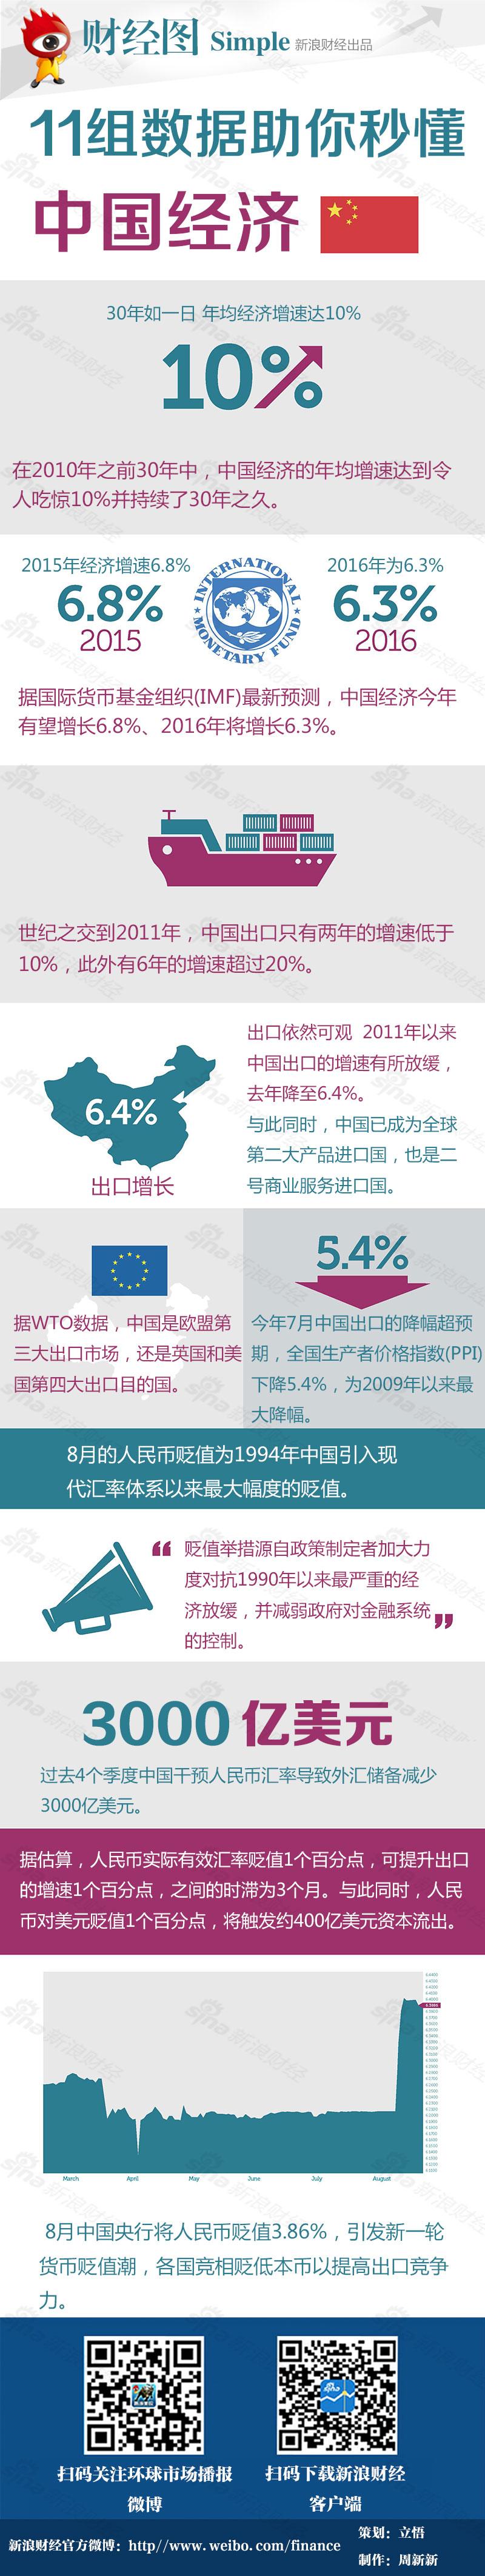 11组数据助你秒懂中国经济